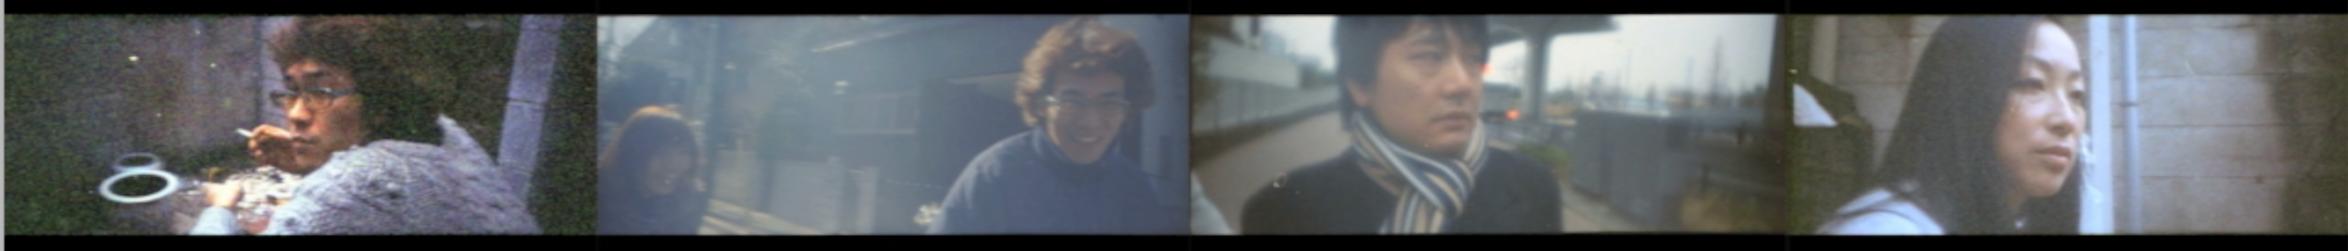 MV「翌日」 あらかじめ決められた恋人たちへ